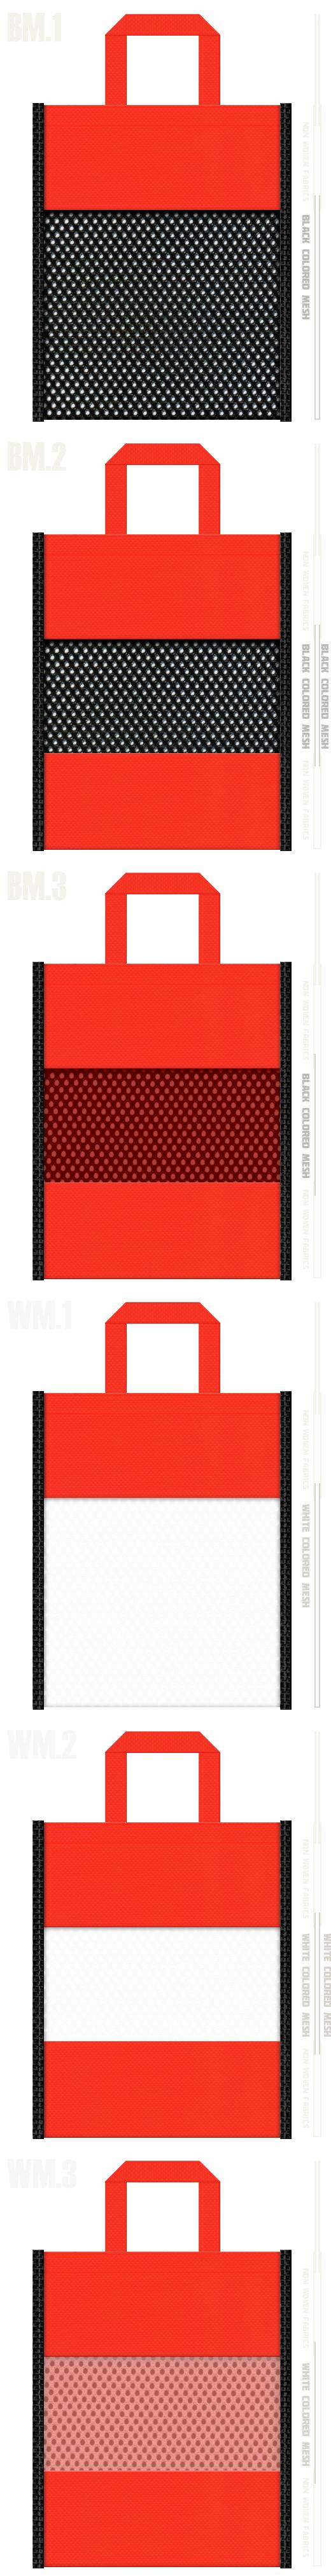 フラットタイプのメッシュバッグのカラーシミュレーション:黒色・白色メッシュとオレンジ色不織布の組み合わせ